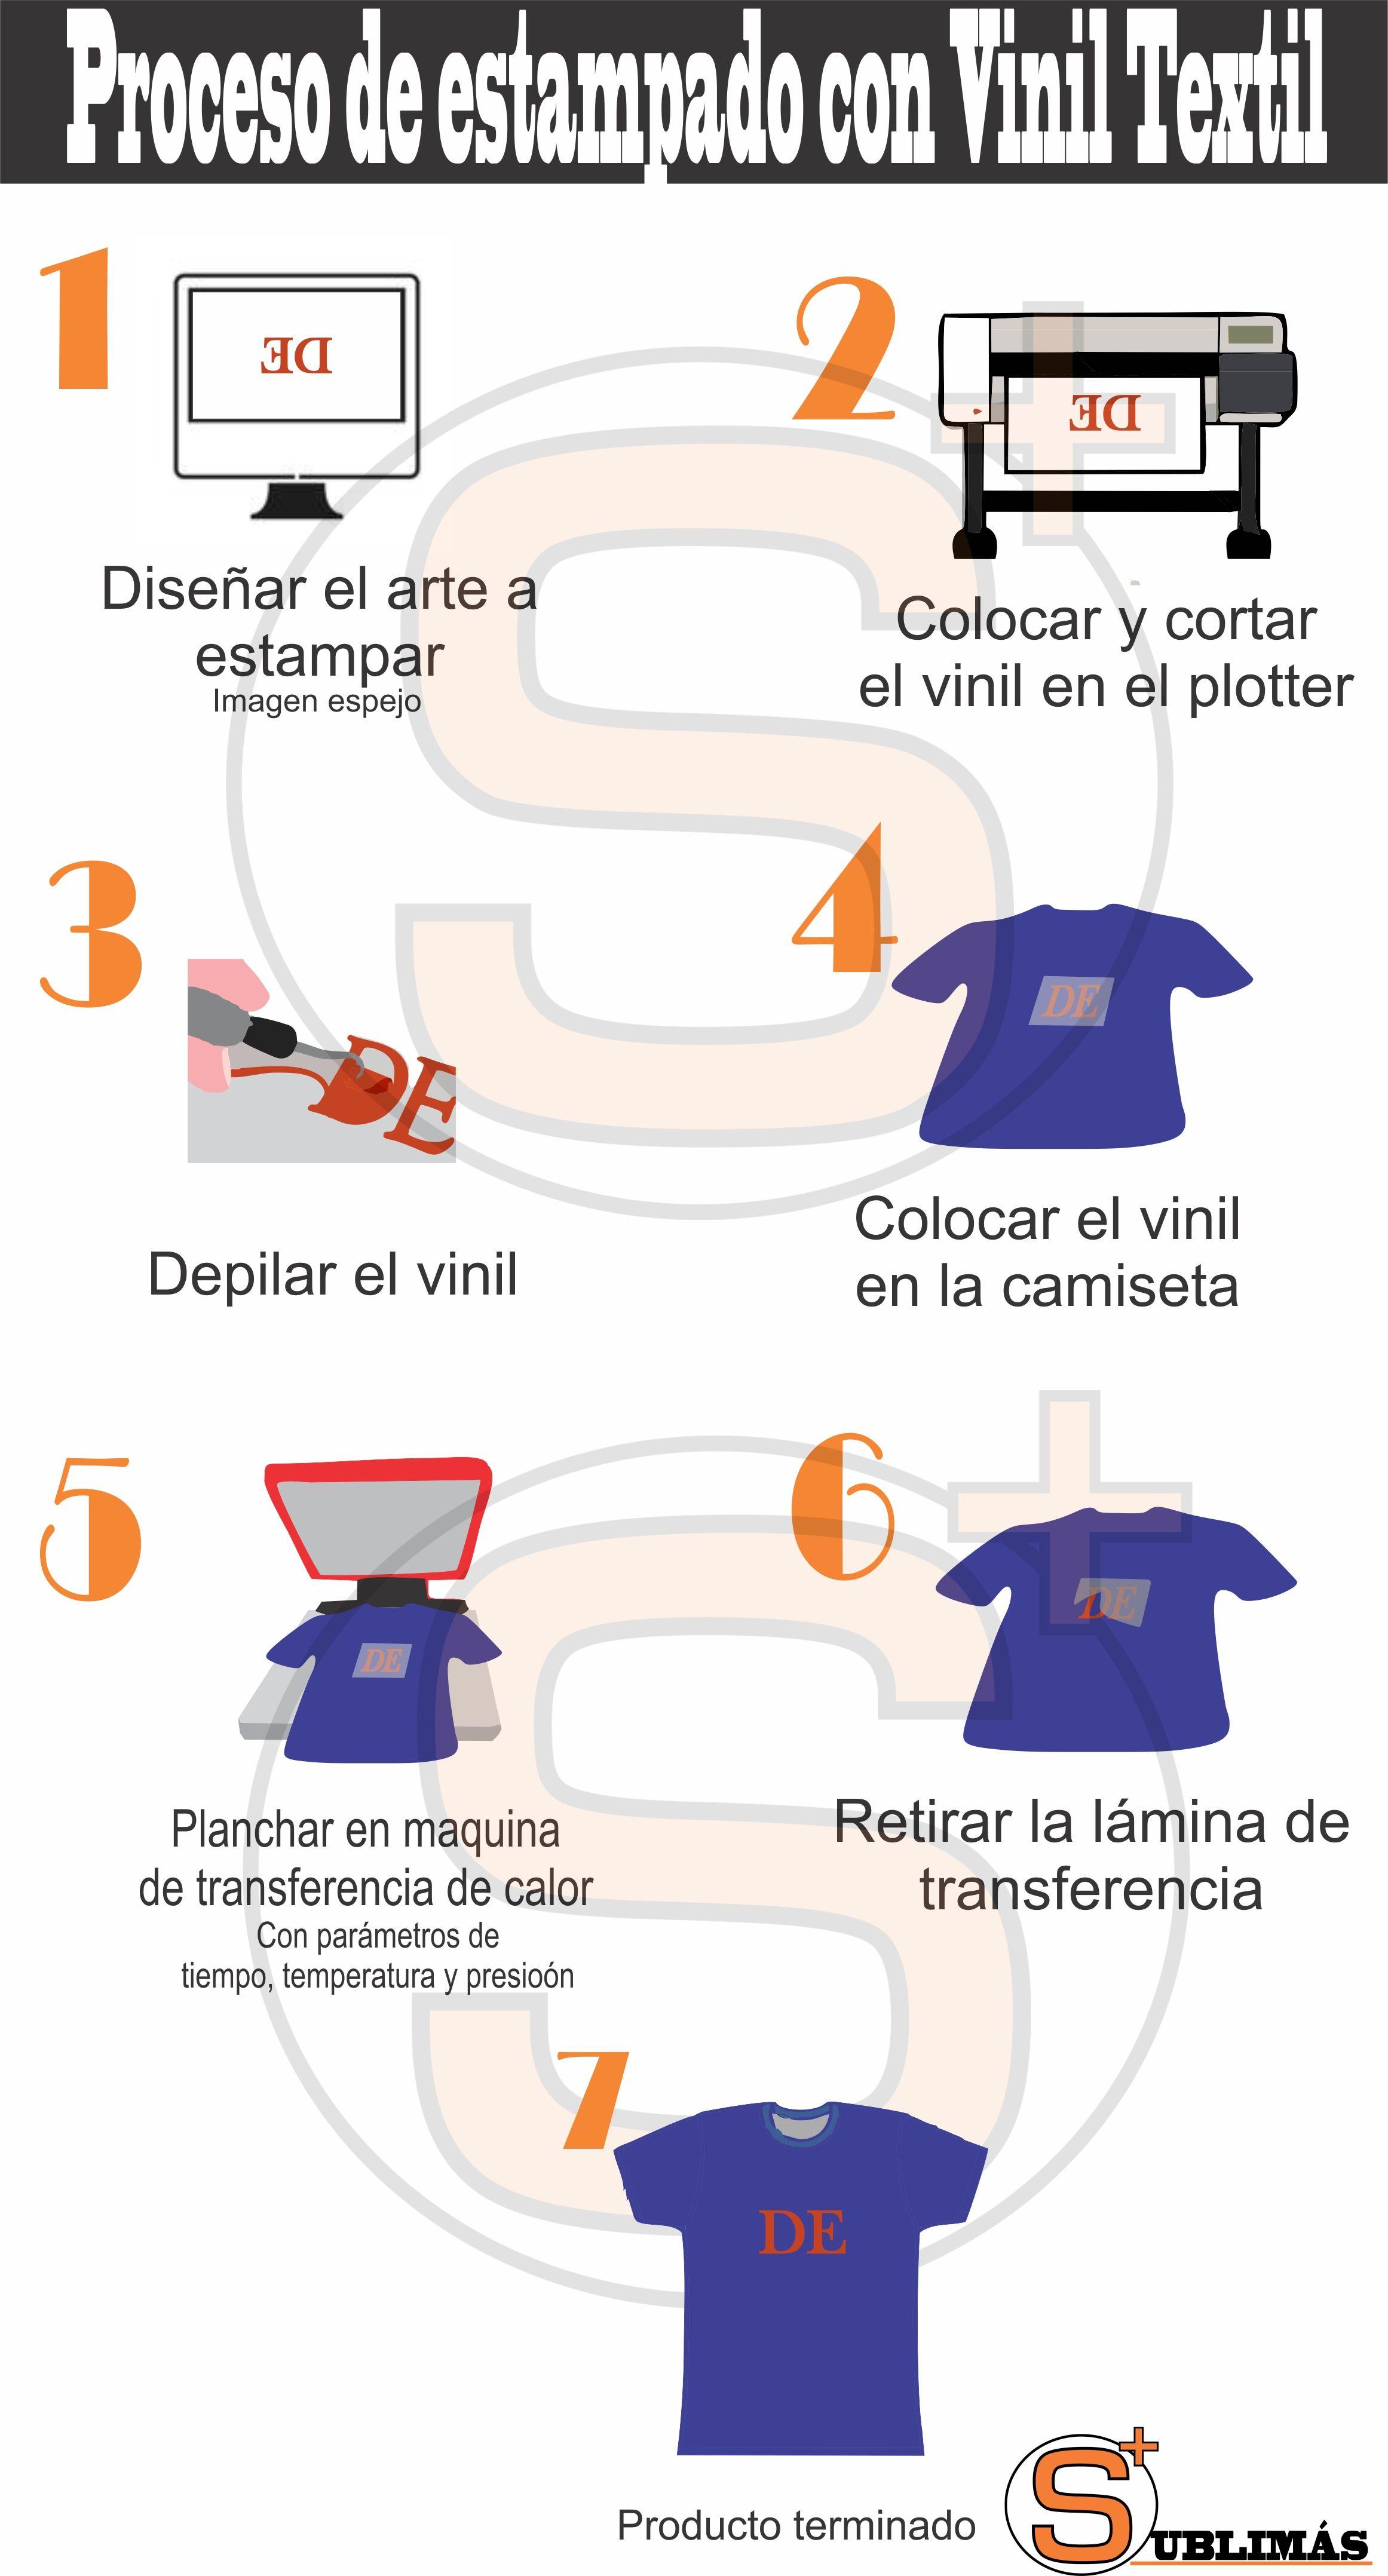 Proceso De Estampado En Tecnica De Vinilo Textil Ventajas Desventajas Definicion Tipos De Vinil Y Uso Regalos Persona Vinil Textil Cojines Con Fotos Vinilos